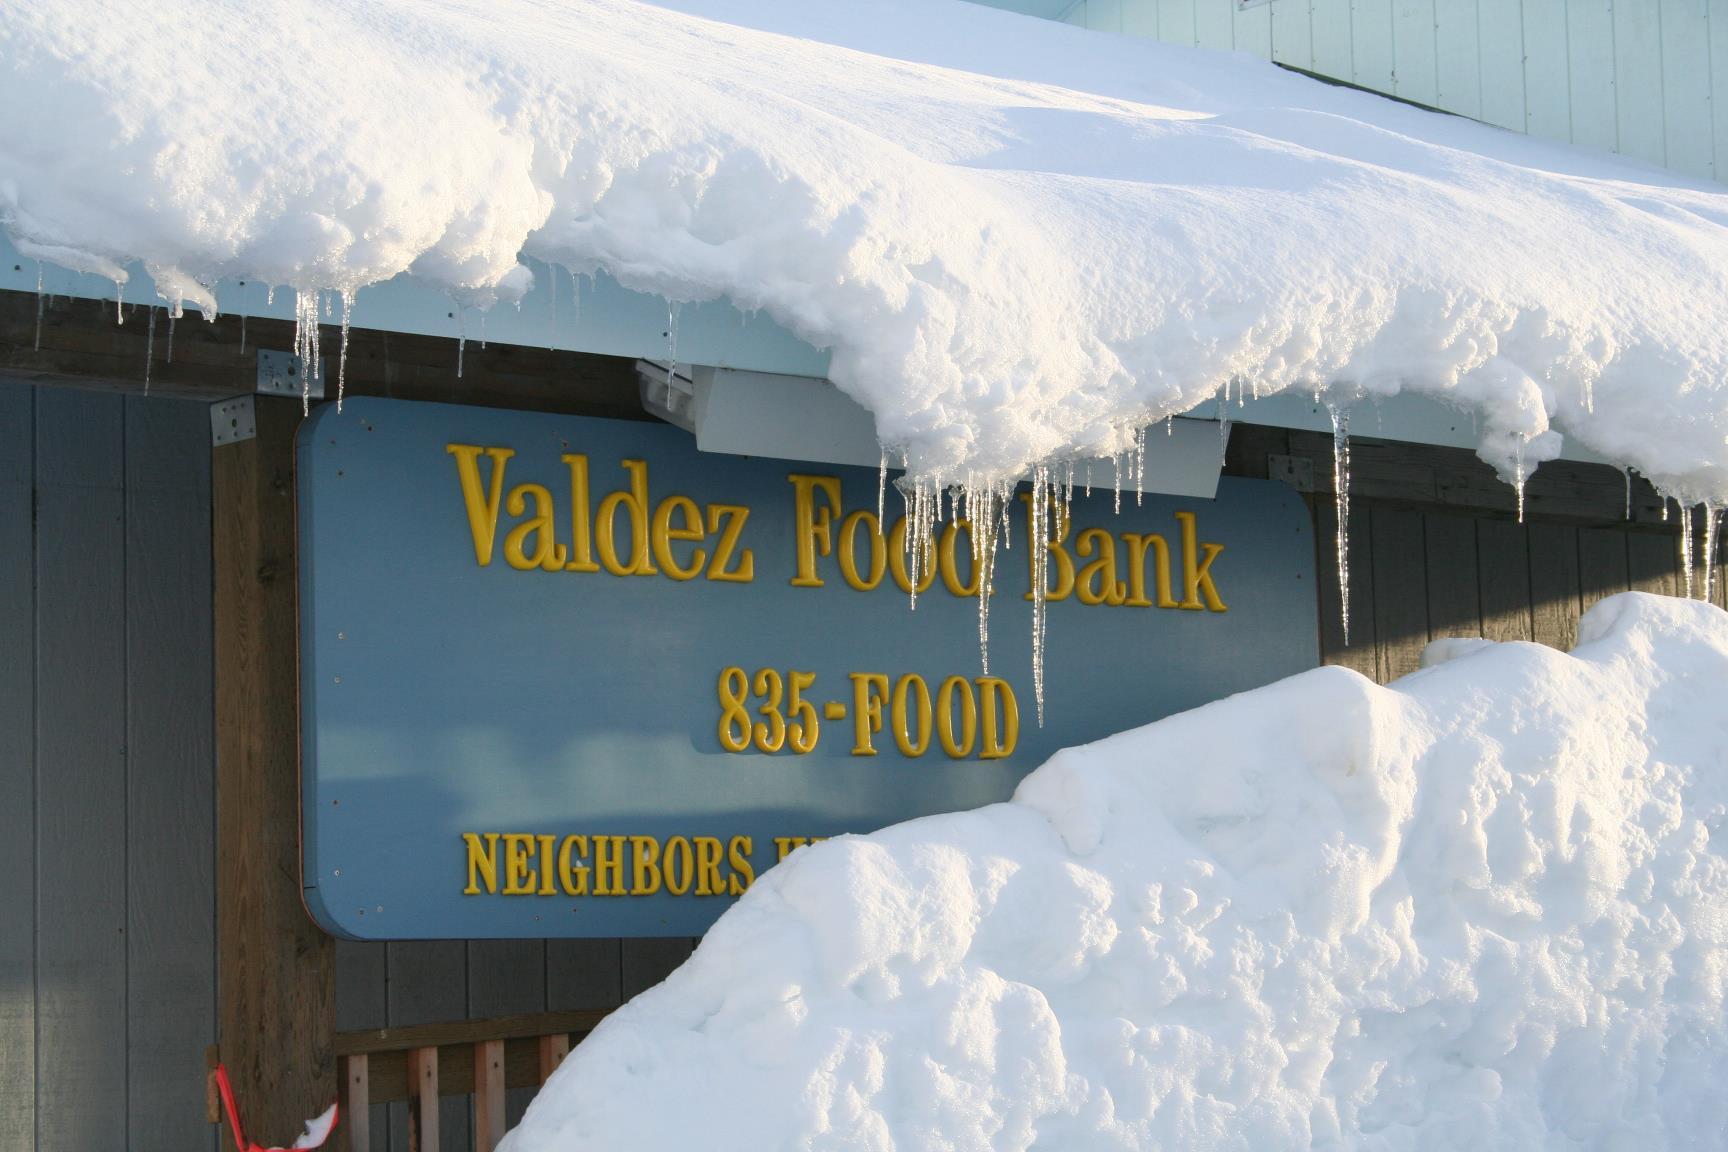 Valdez Food Bank